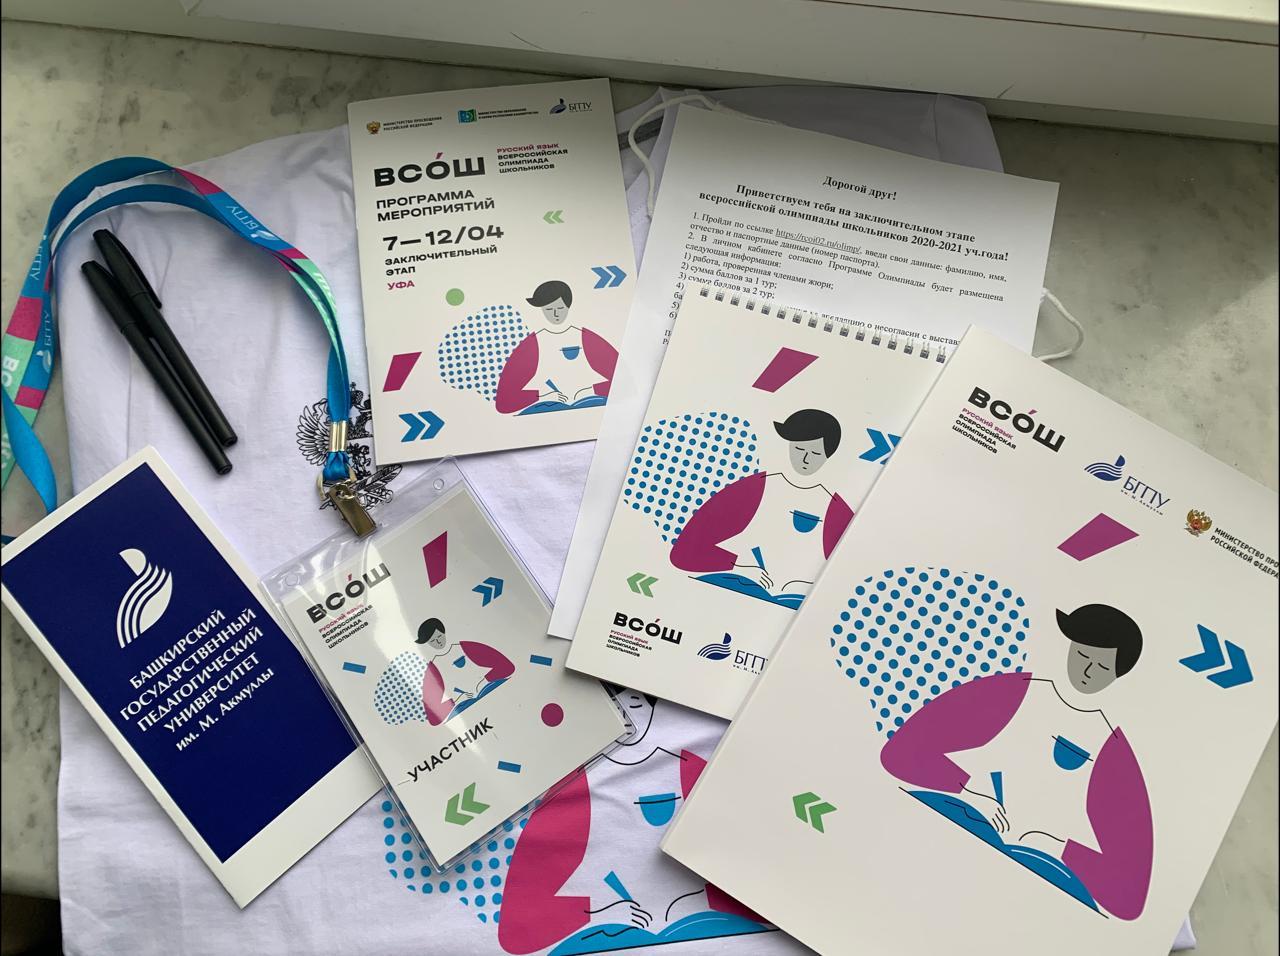 В Уфе пройдет заключительный этап Всероссийской олимпиады школьников по русскому языку